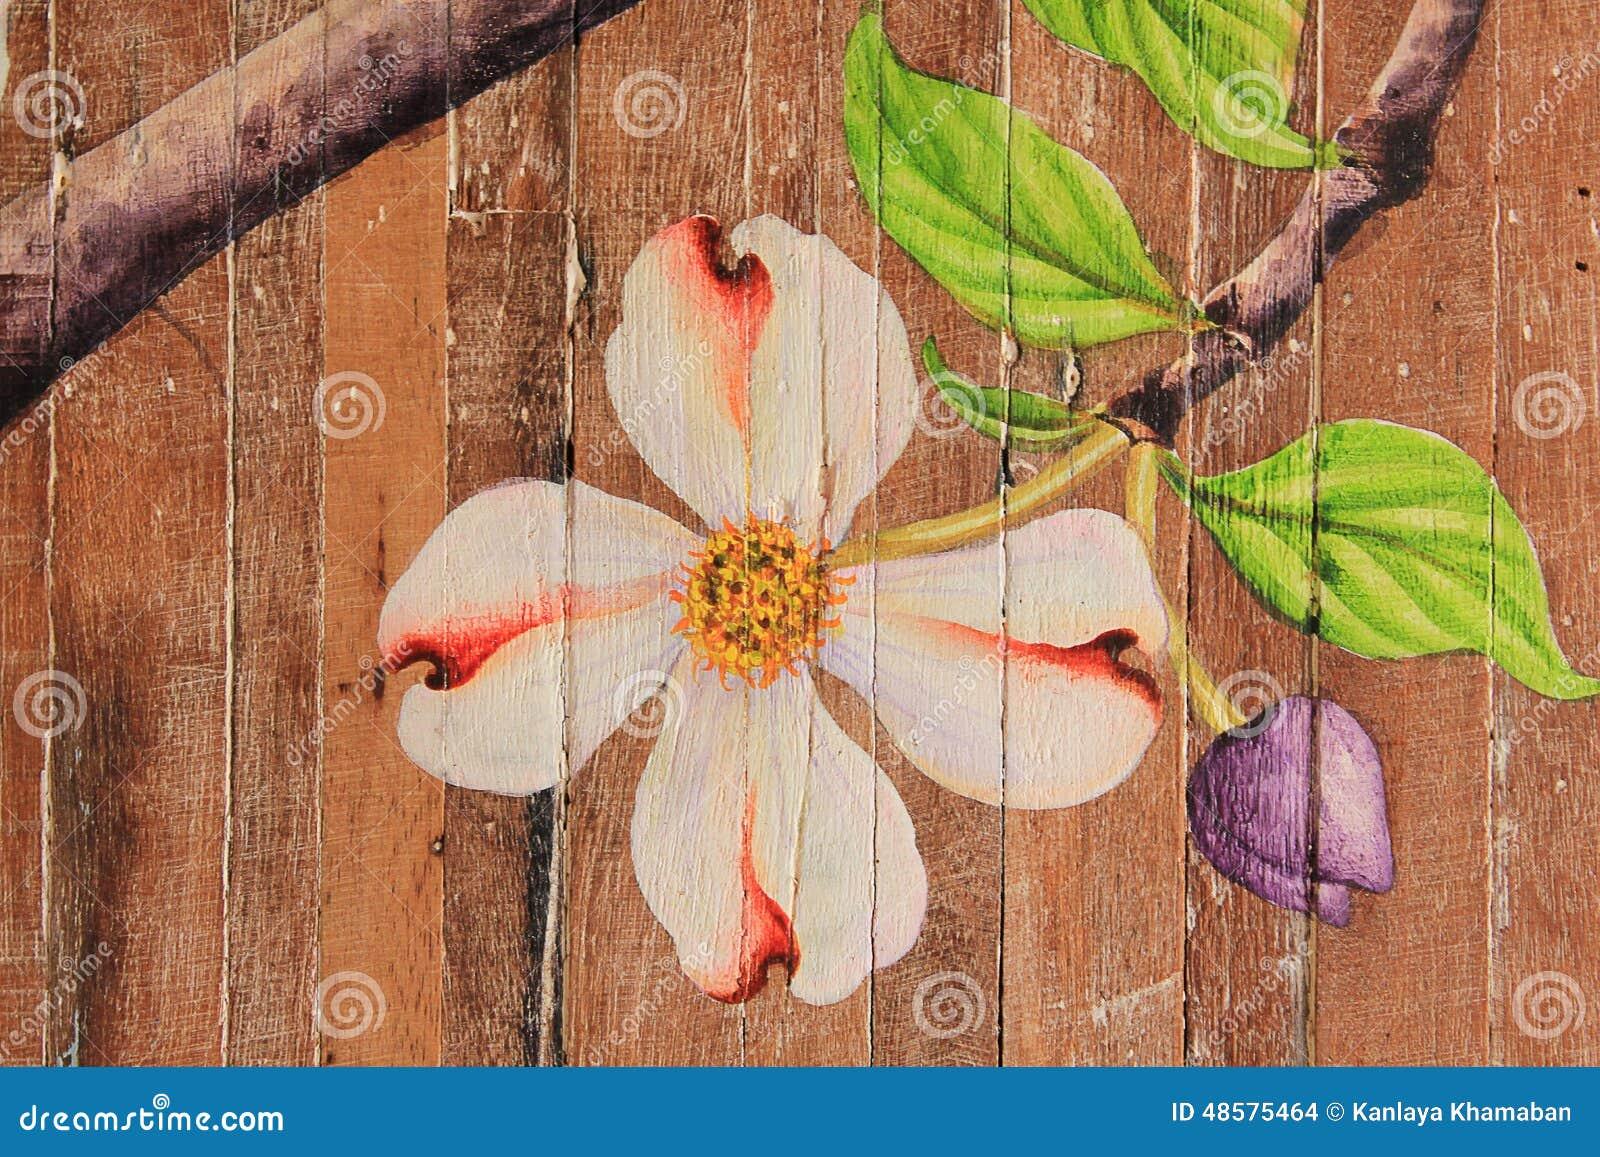 Pinturas de flores en los pisos de madera foto de archivo - Pinturas de madera ...